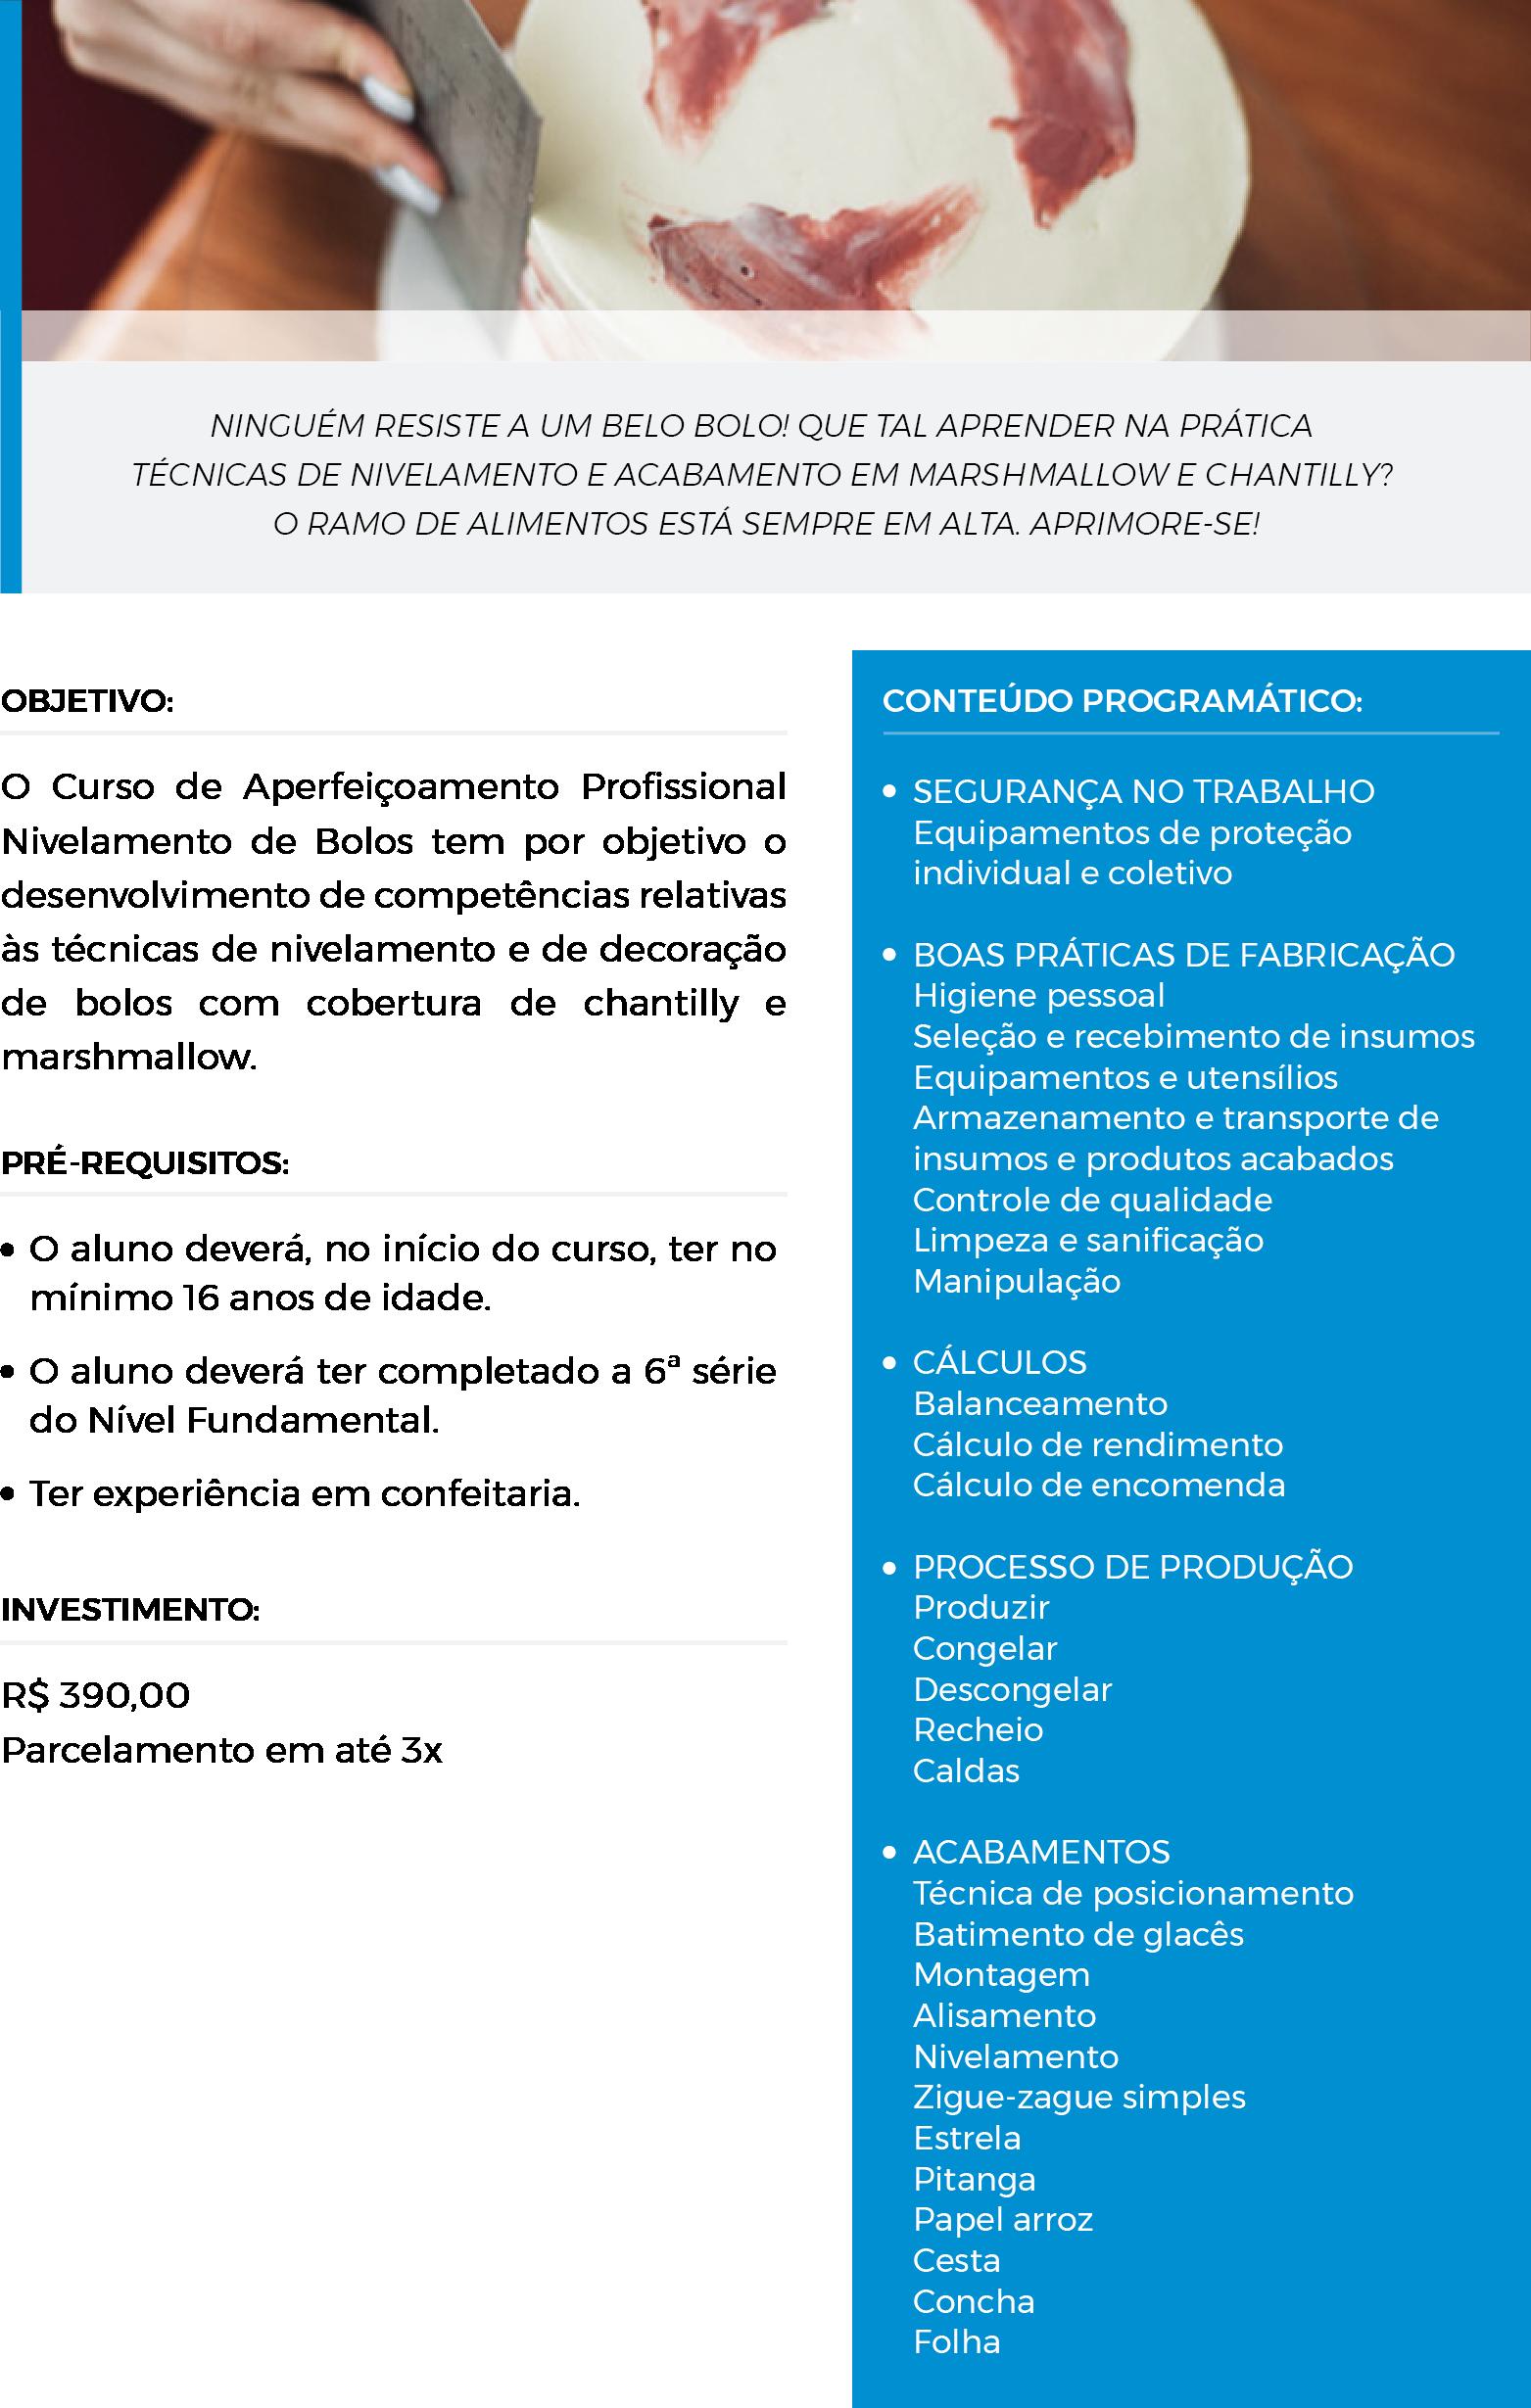 pag_nivelamento_bolos